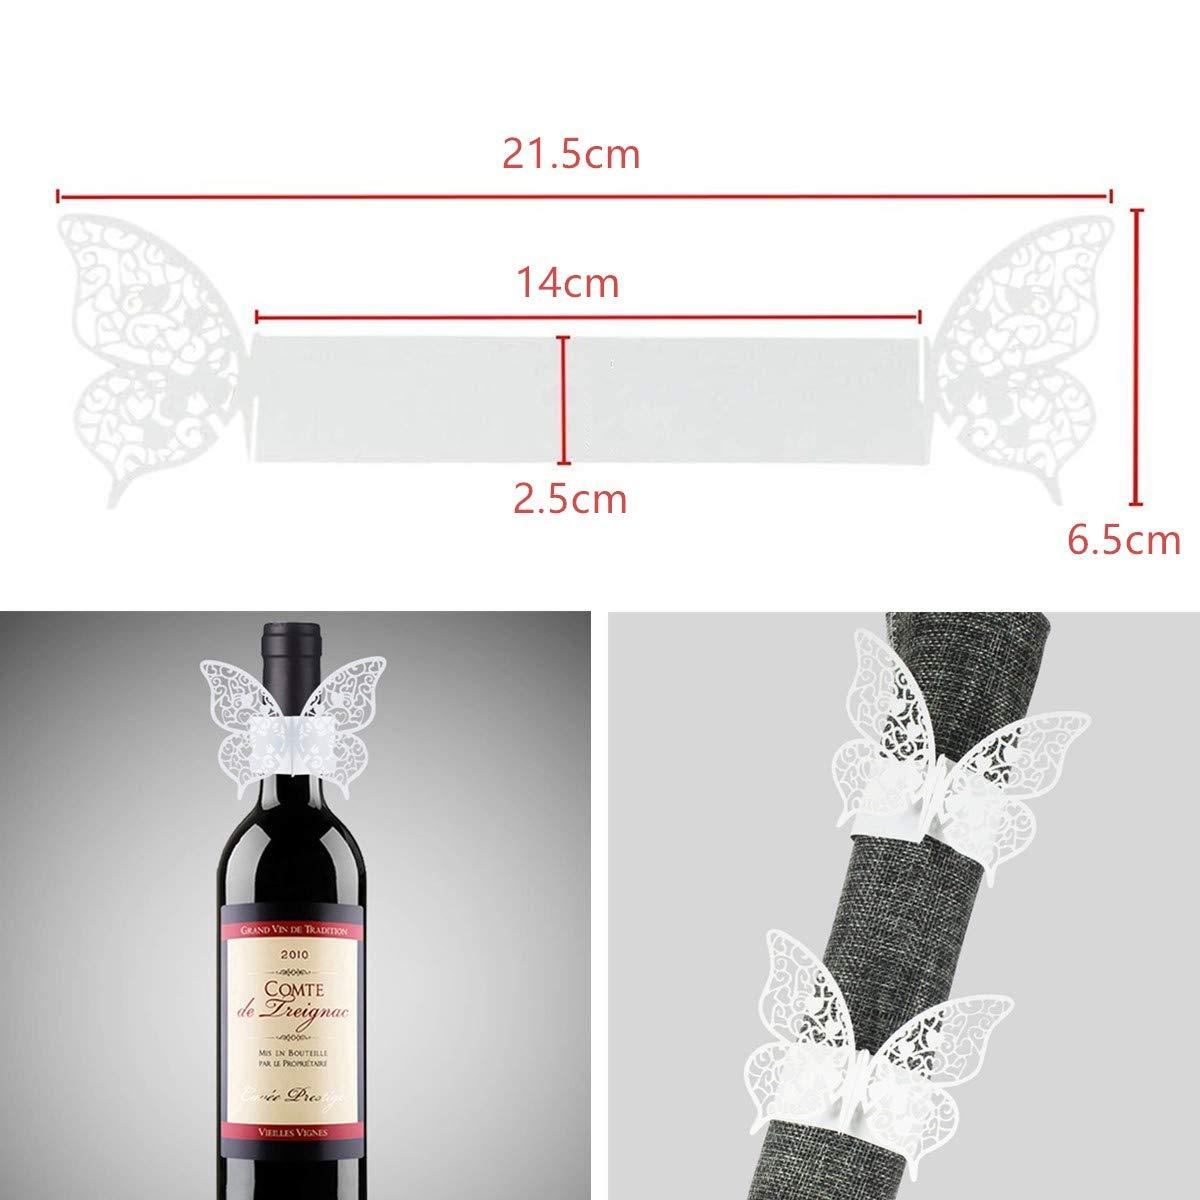 cumplea/ños Servilletas de papel 3D con dise/ño de mariposa y mariposas Navidad rosa y blanco A/ño Nuevo con dise/ño hueco para bodas comuniones corte l/áser fiestas 60 unidades